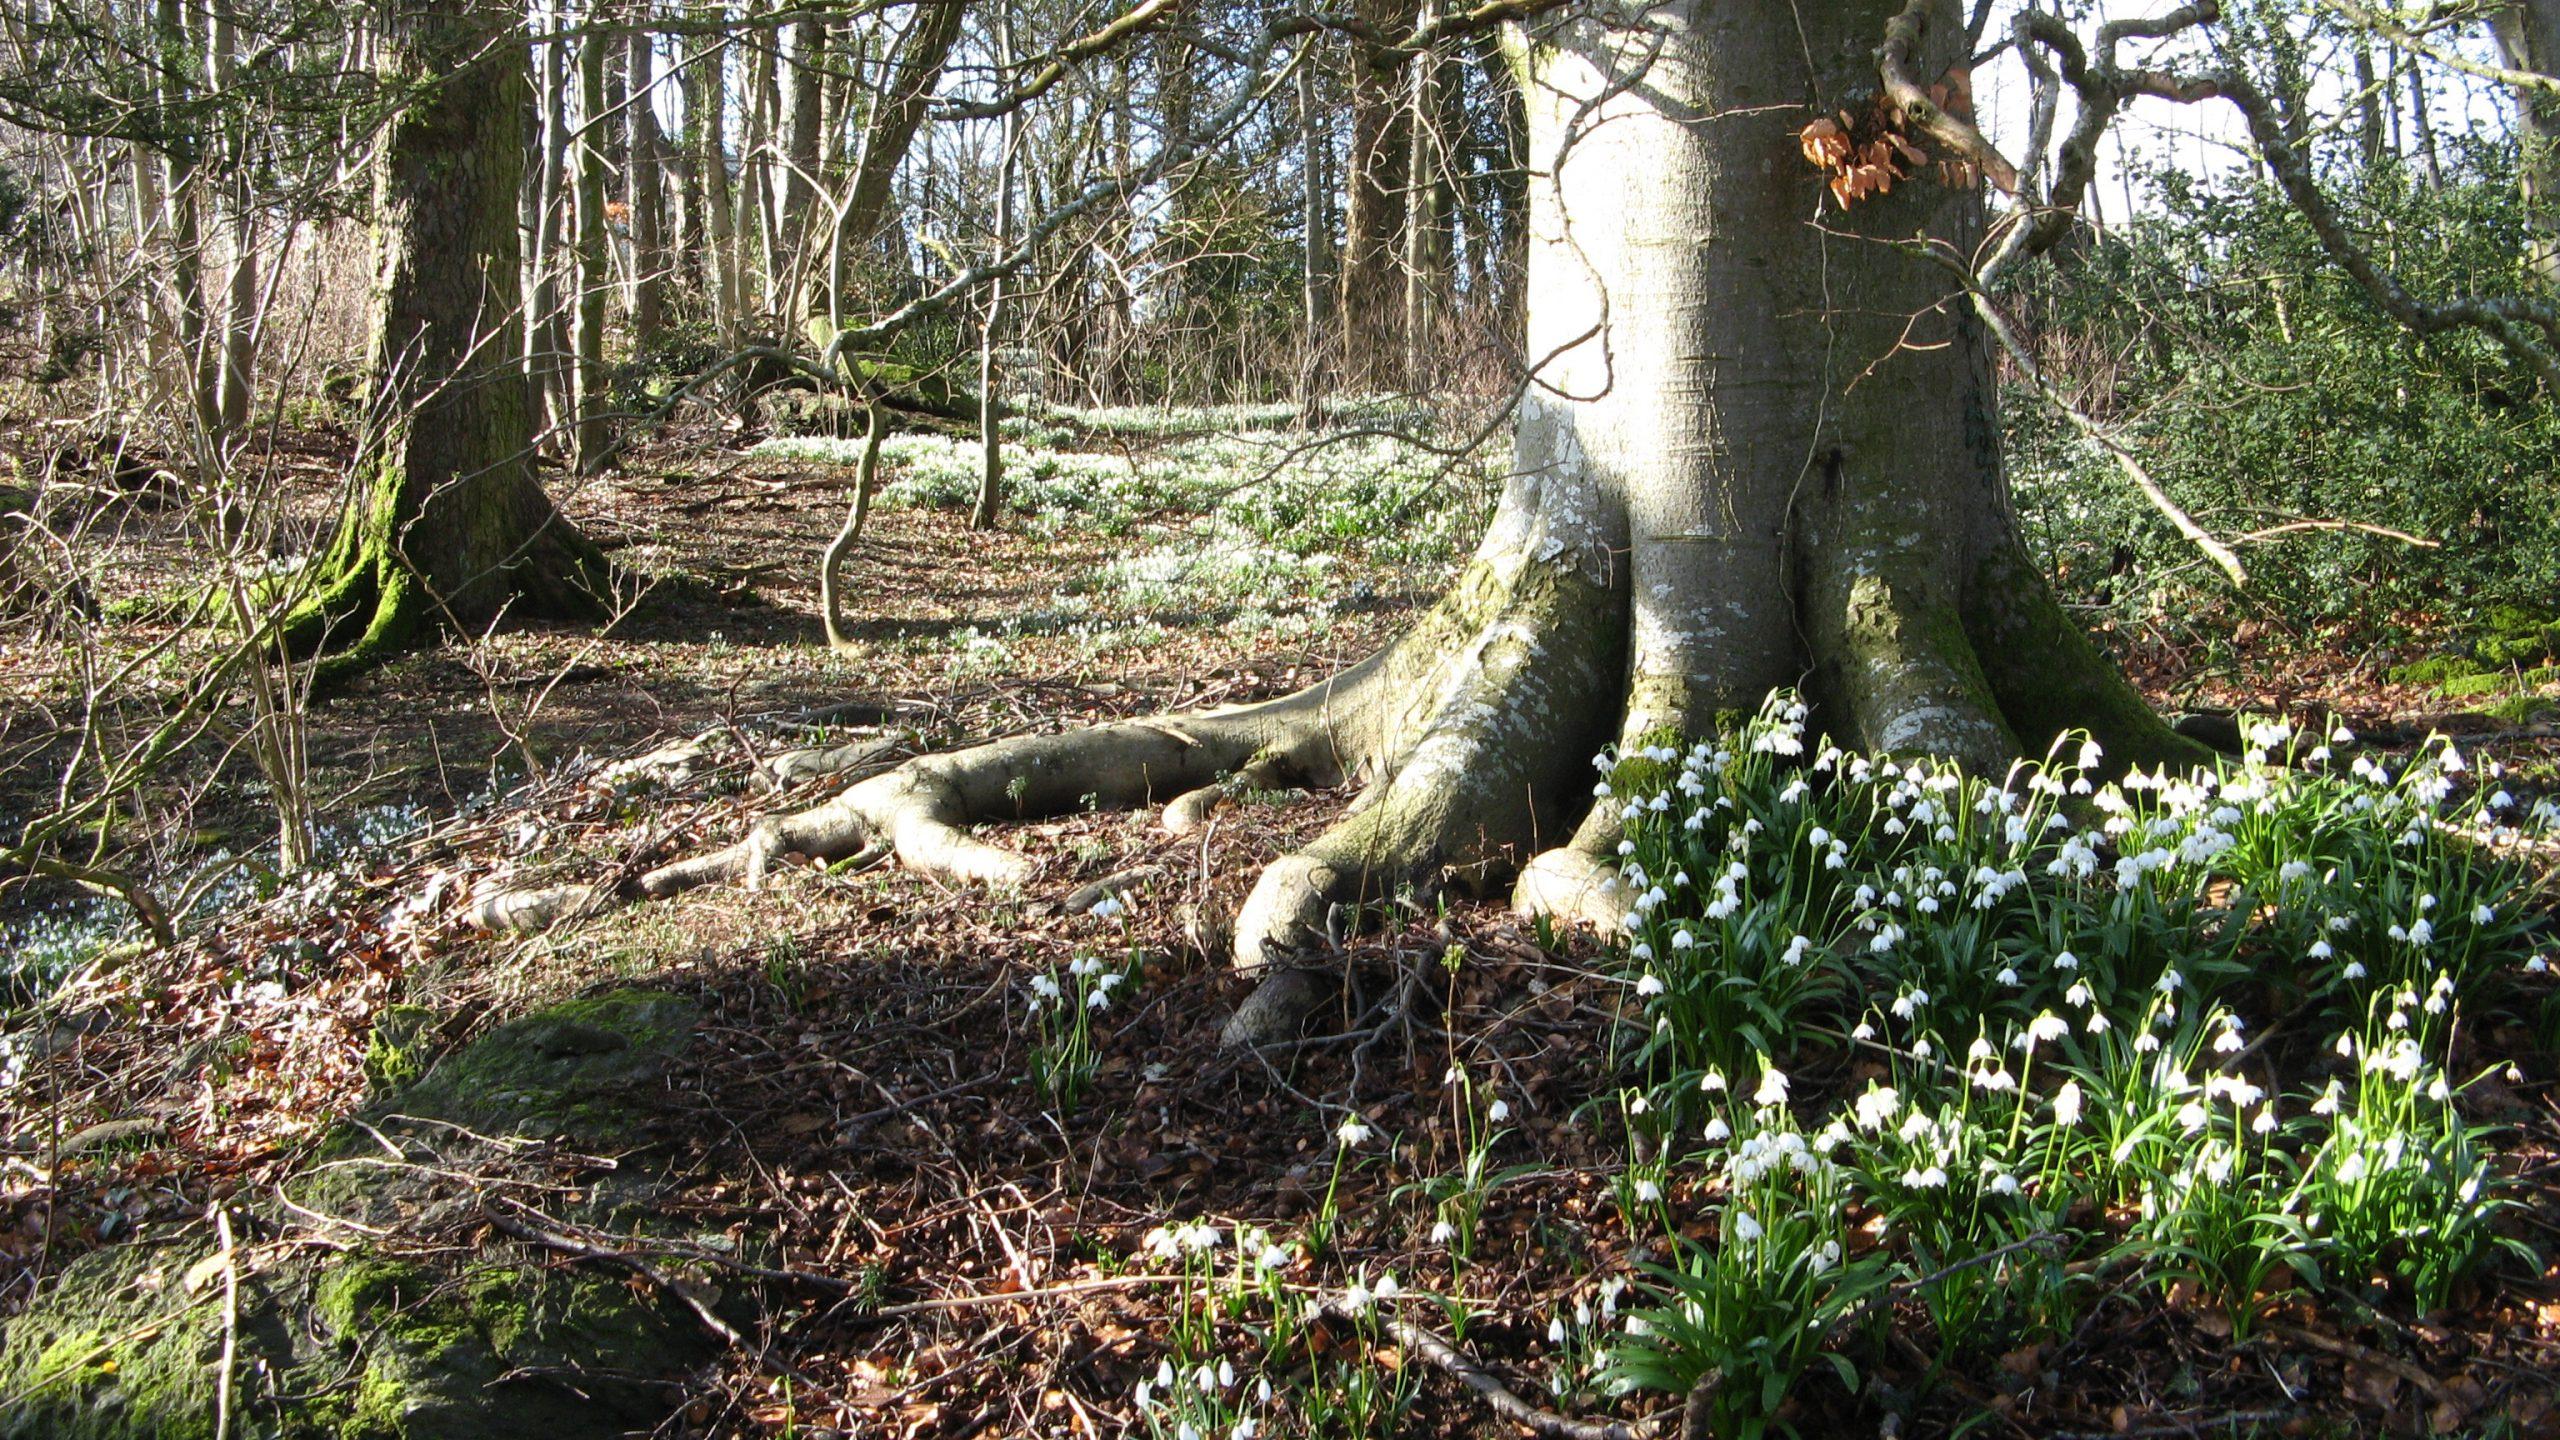 Bilde av området rundt Hindal Gård. I dag er trærne store og mektige med undervegetasjon av martagonliljer, snøklokker, klosterklokker og ramsløk. Foto er tatt av Mette Eggen, Riksantikvaren